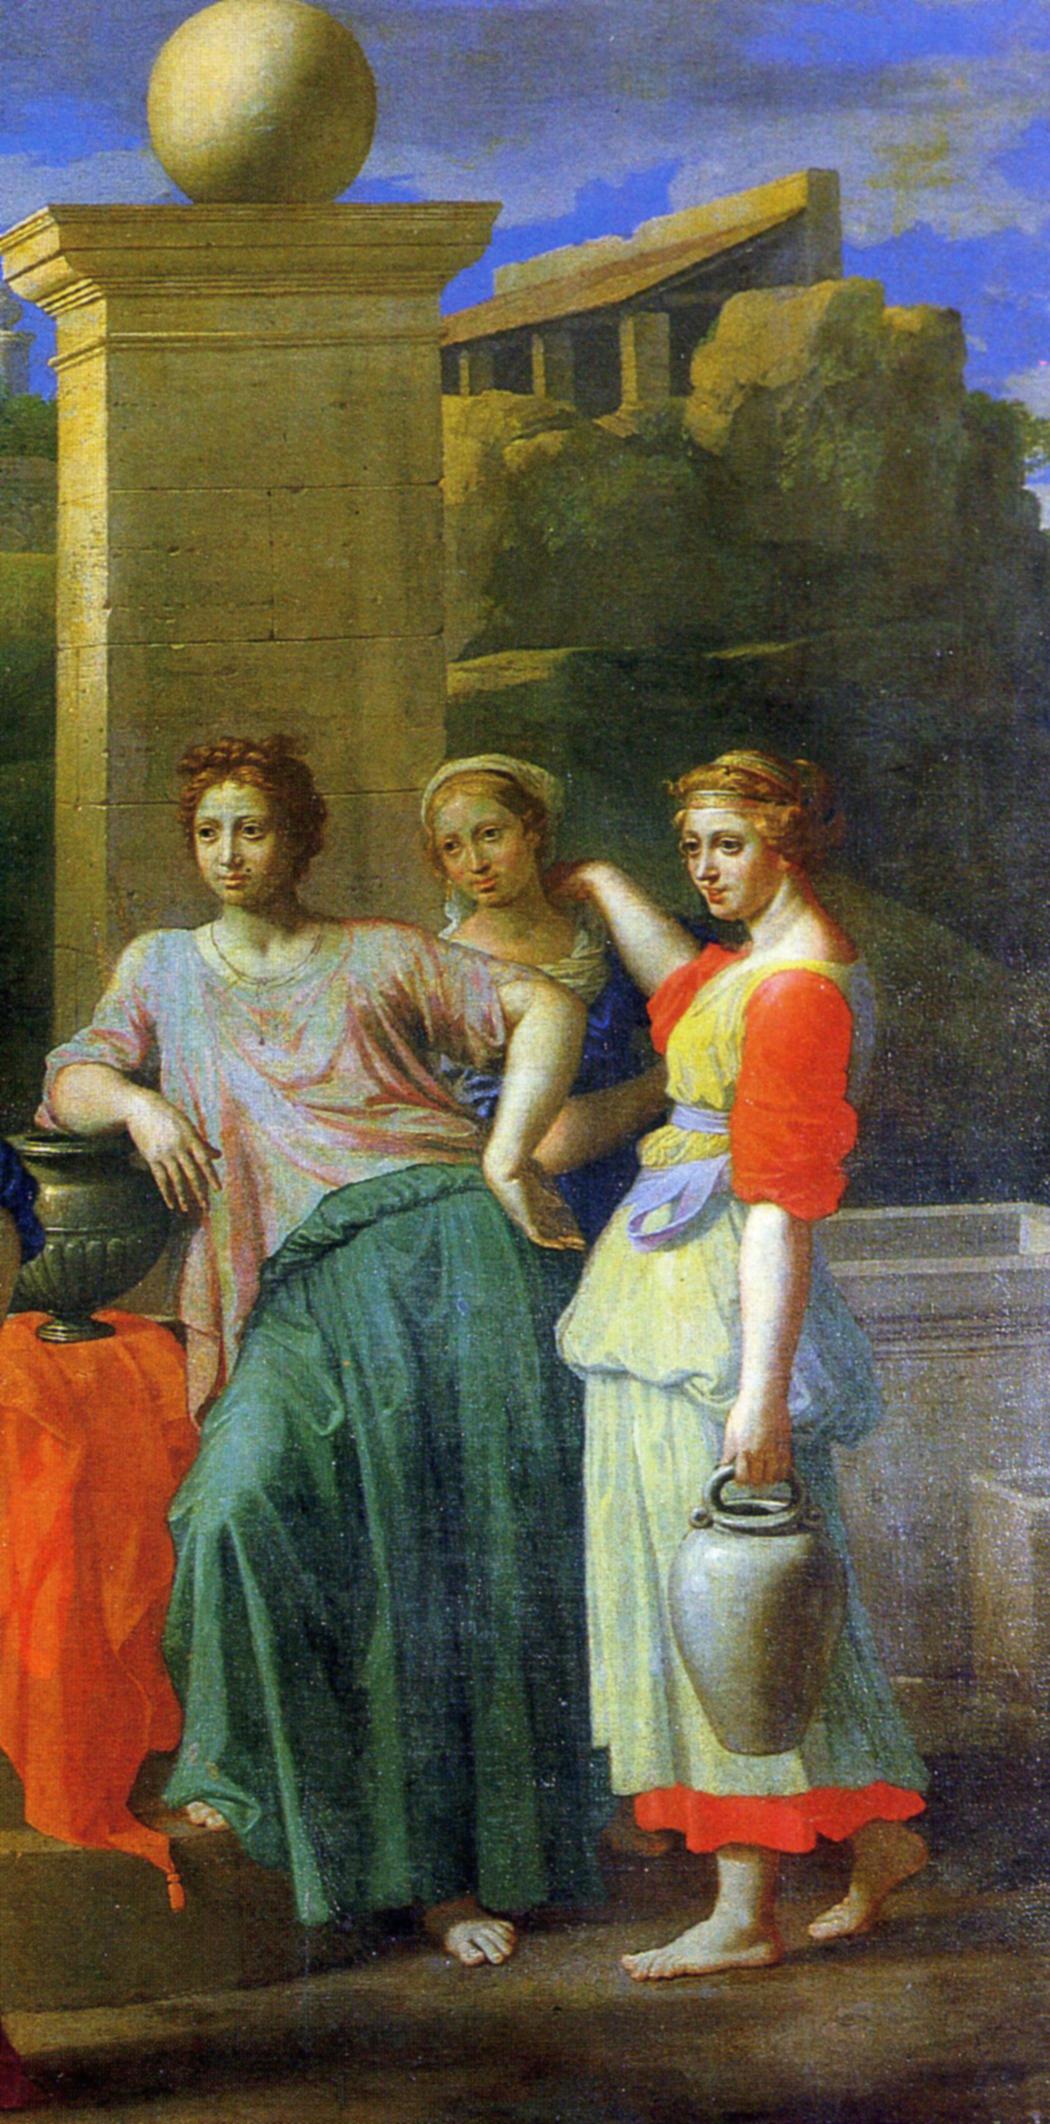 Никола Пуссен. Элиезер и Ревекка у колодца. 1648, фрагмент 1